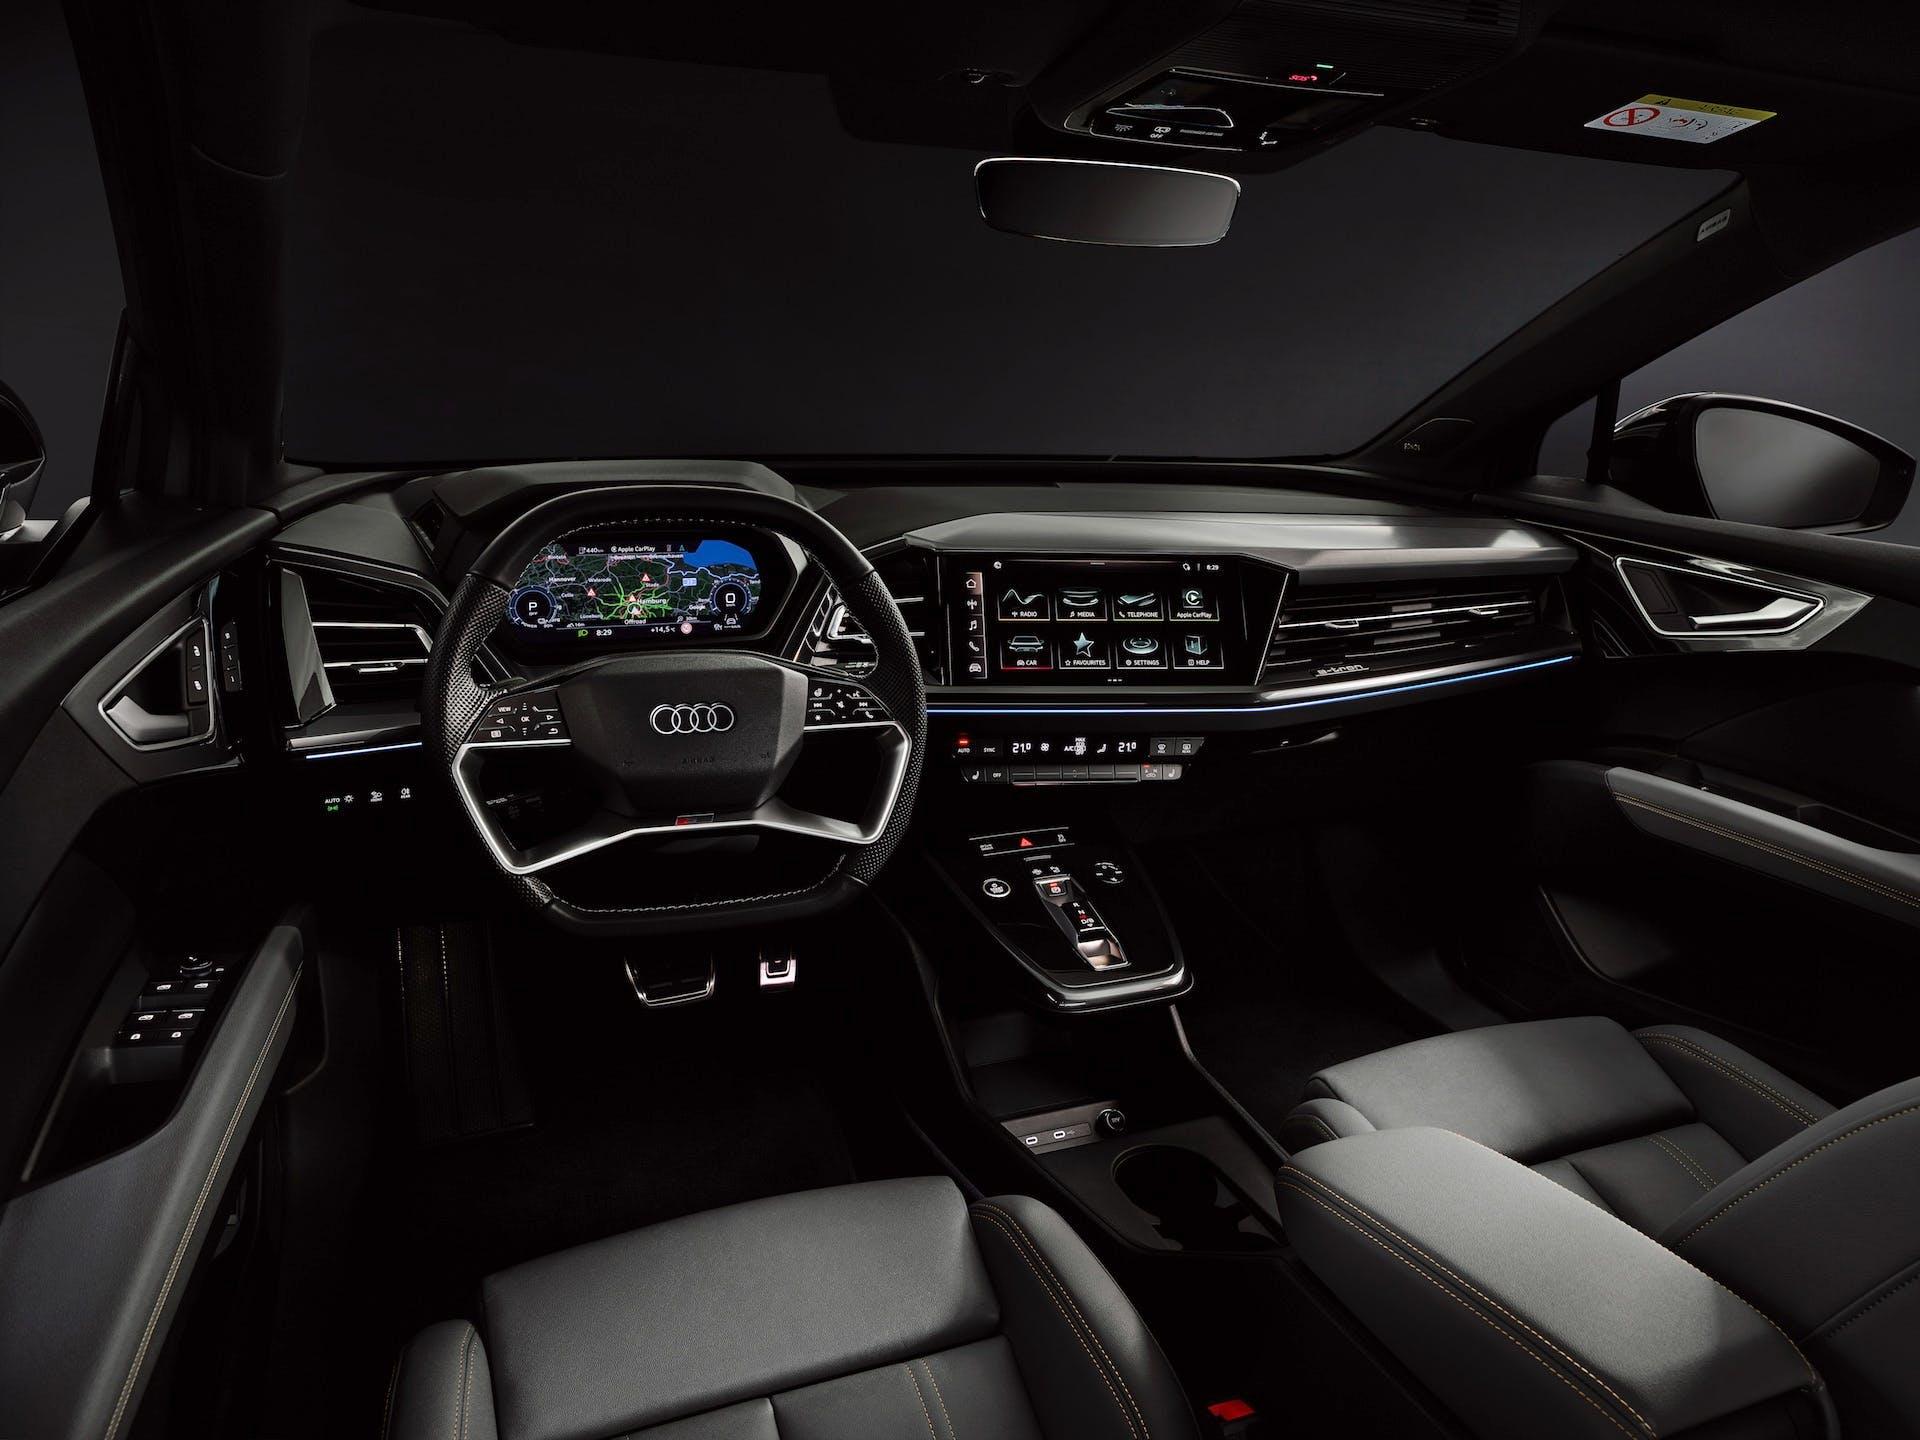 Audi-Q4-e-tron-abitacolo-interno